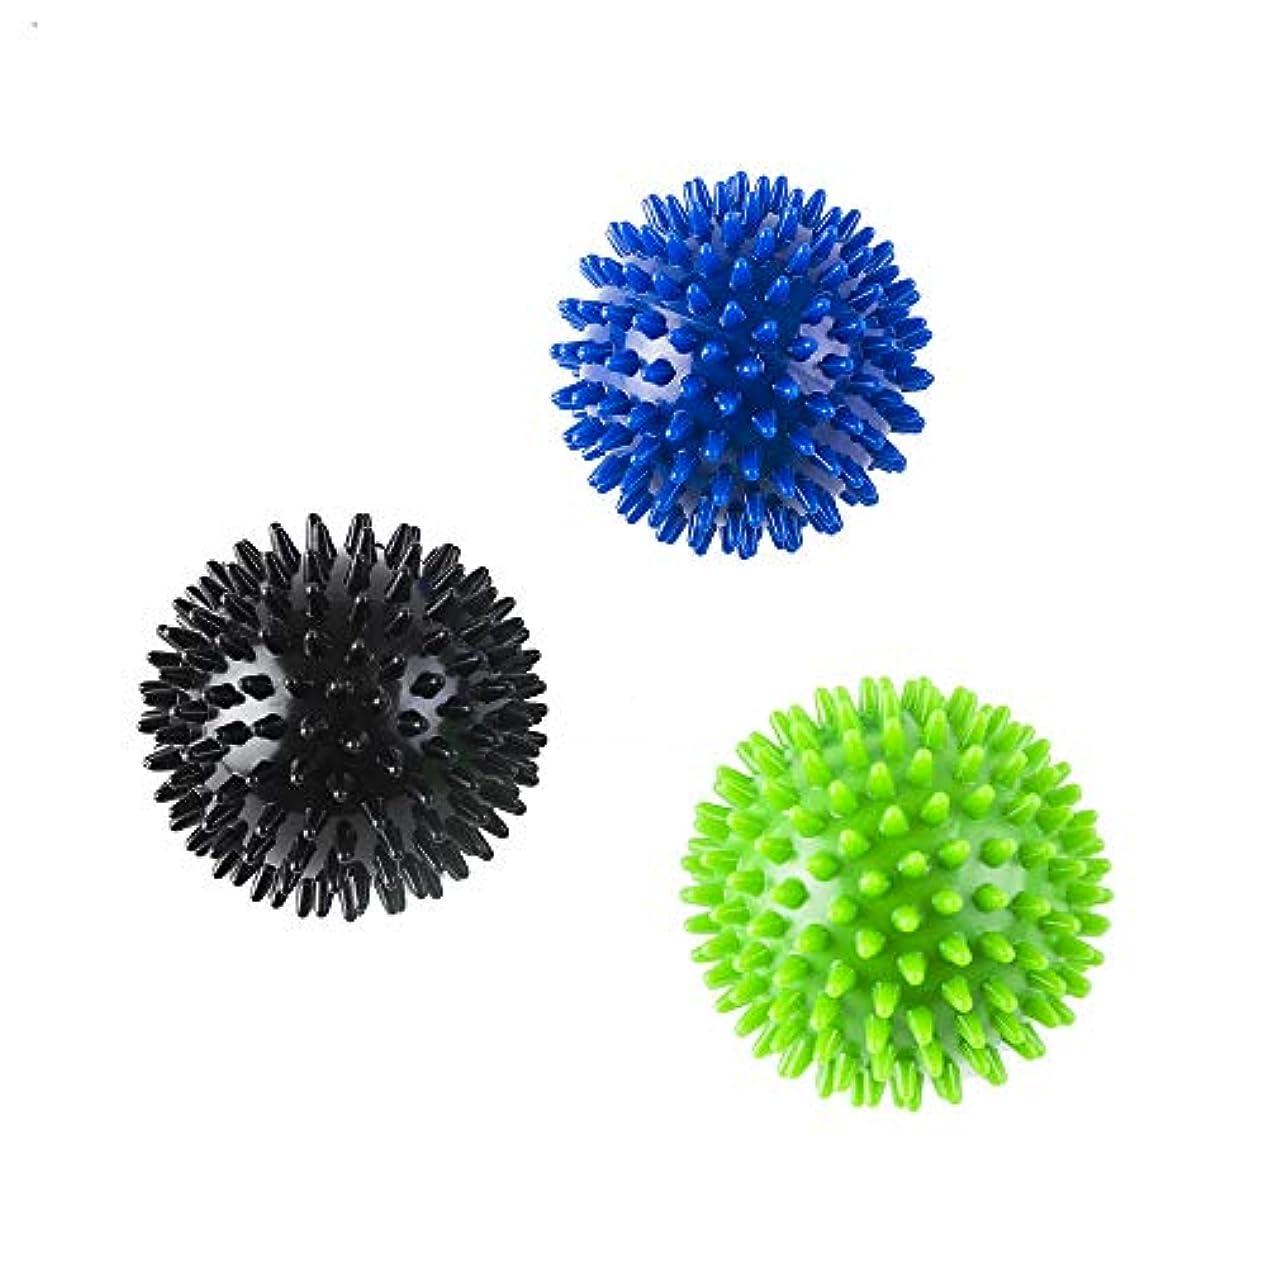 モーションセーブイデオロギーマッサージボール リフレックスボール ストレッチボール 触覚ボール つらい腰痛 肩こり 足裏 手 背中 マッサージに 筋肉緊張和らげ 血液循環促進 エクササイズ ぼーる 8cm 3個セット (青+緑+黒)